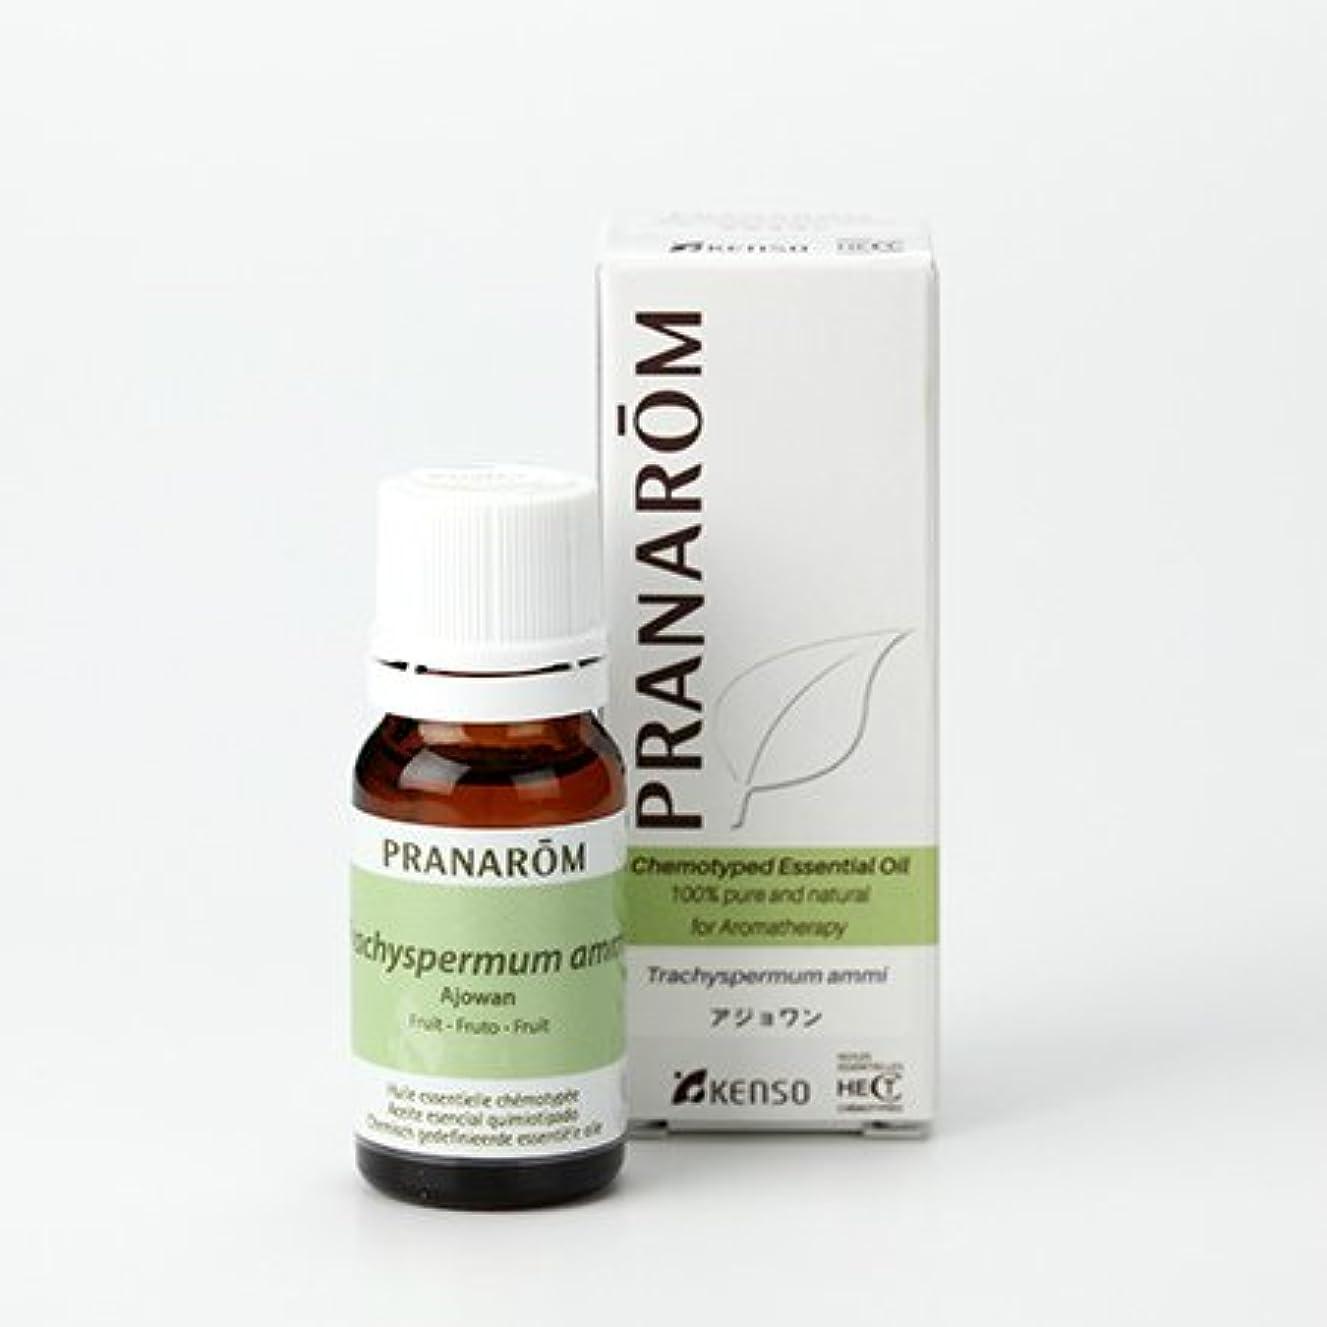 発疹トロイの木馬ハーフプラナロム アジョワン 10ml (PRANAROM ケモタイプ精油)